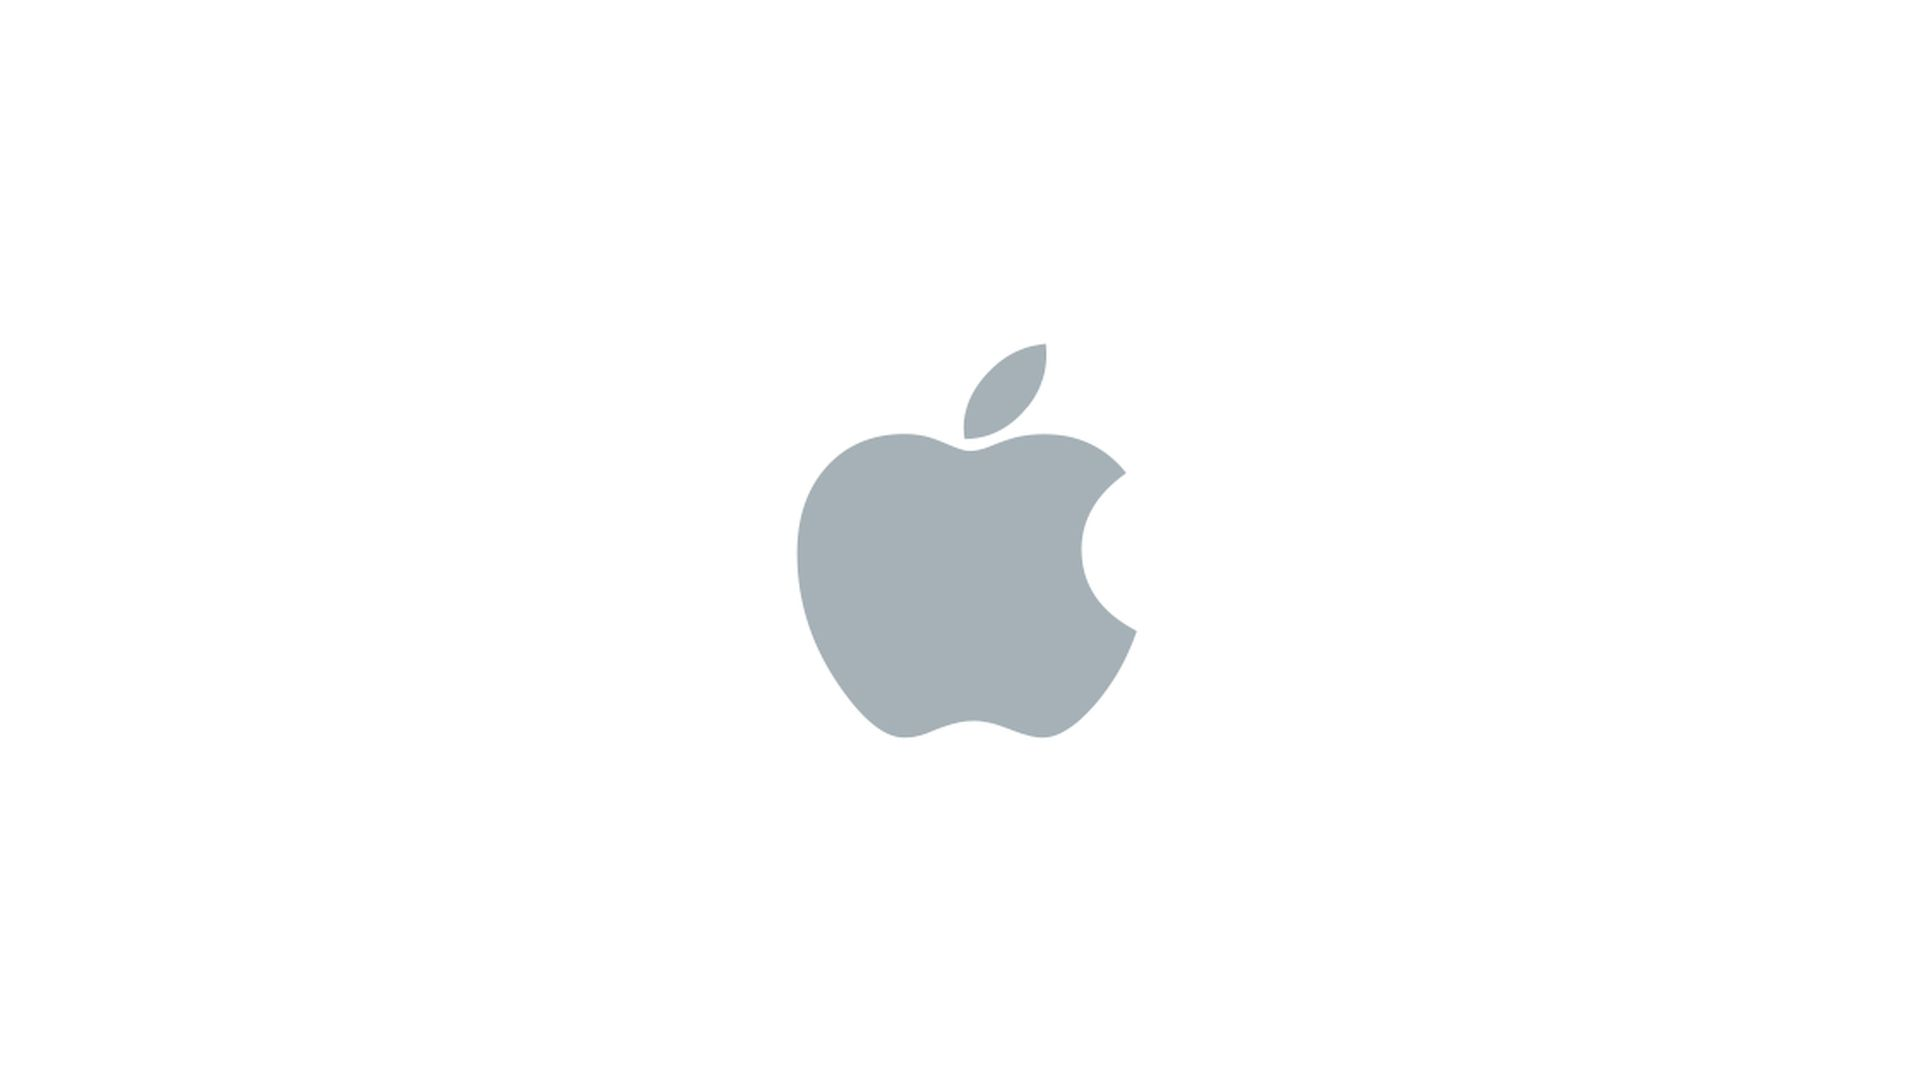 Firma Apple zmieni swoich niektórych dostawców w 2020 roku